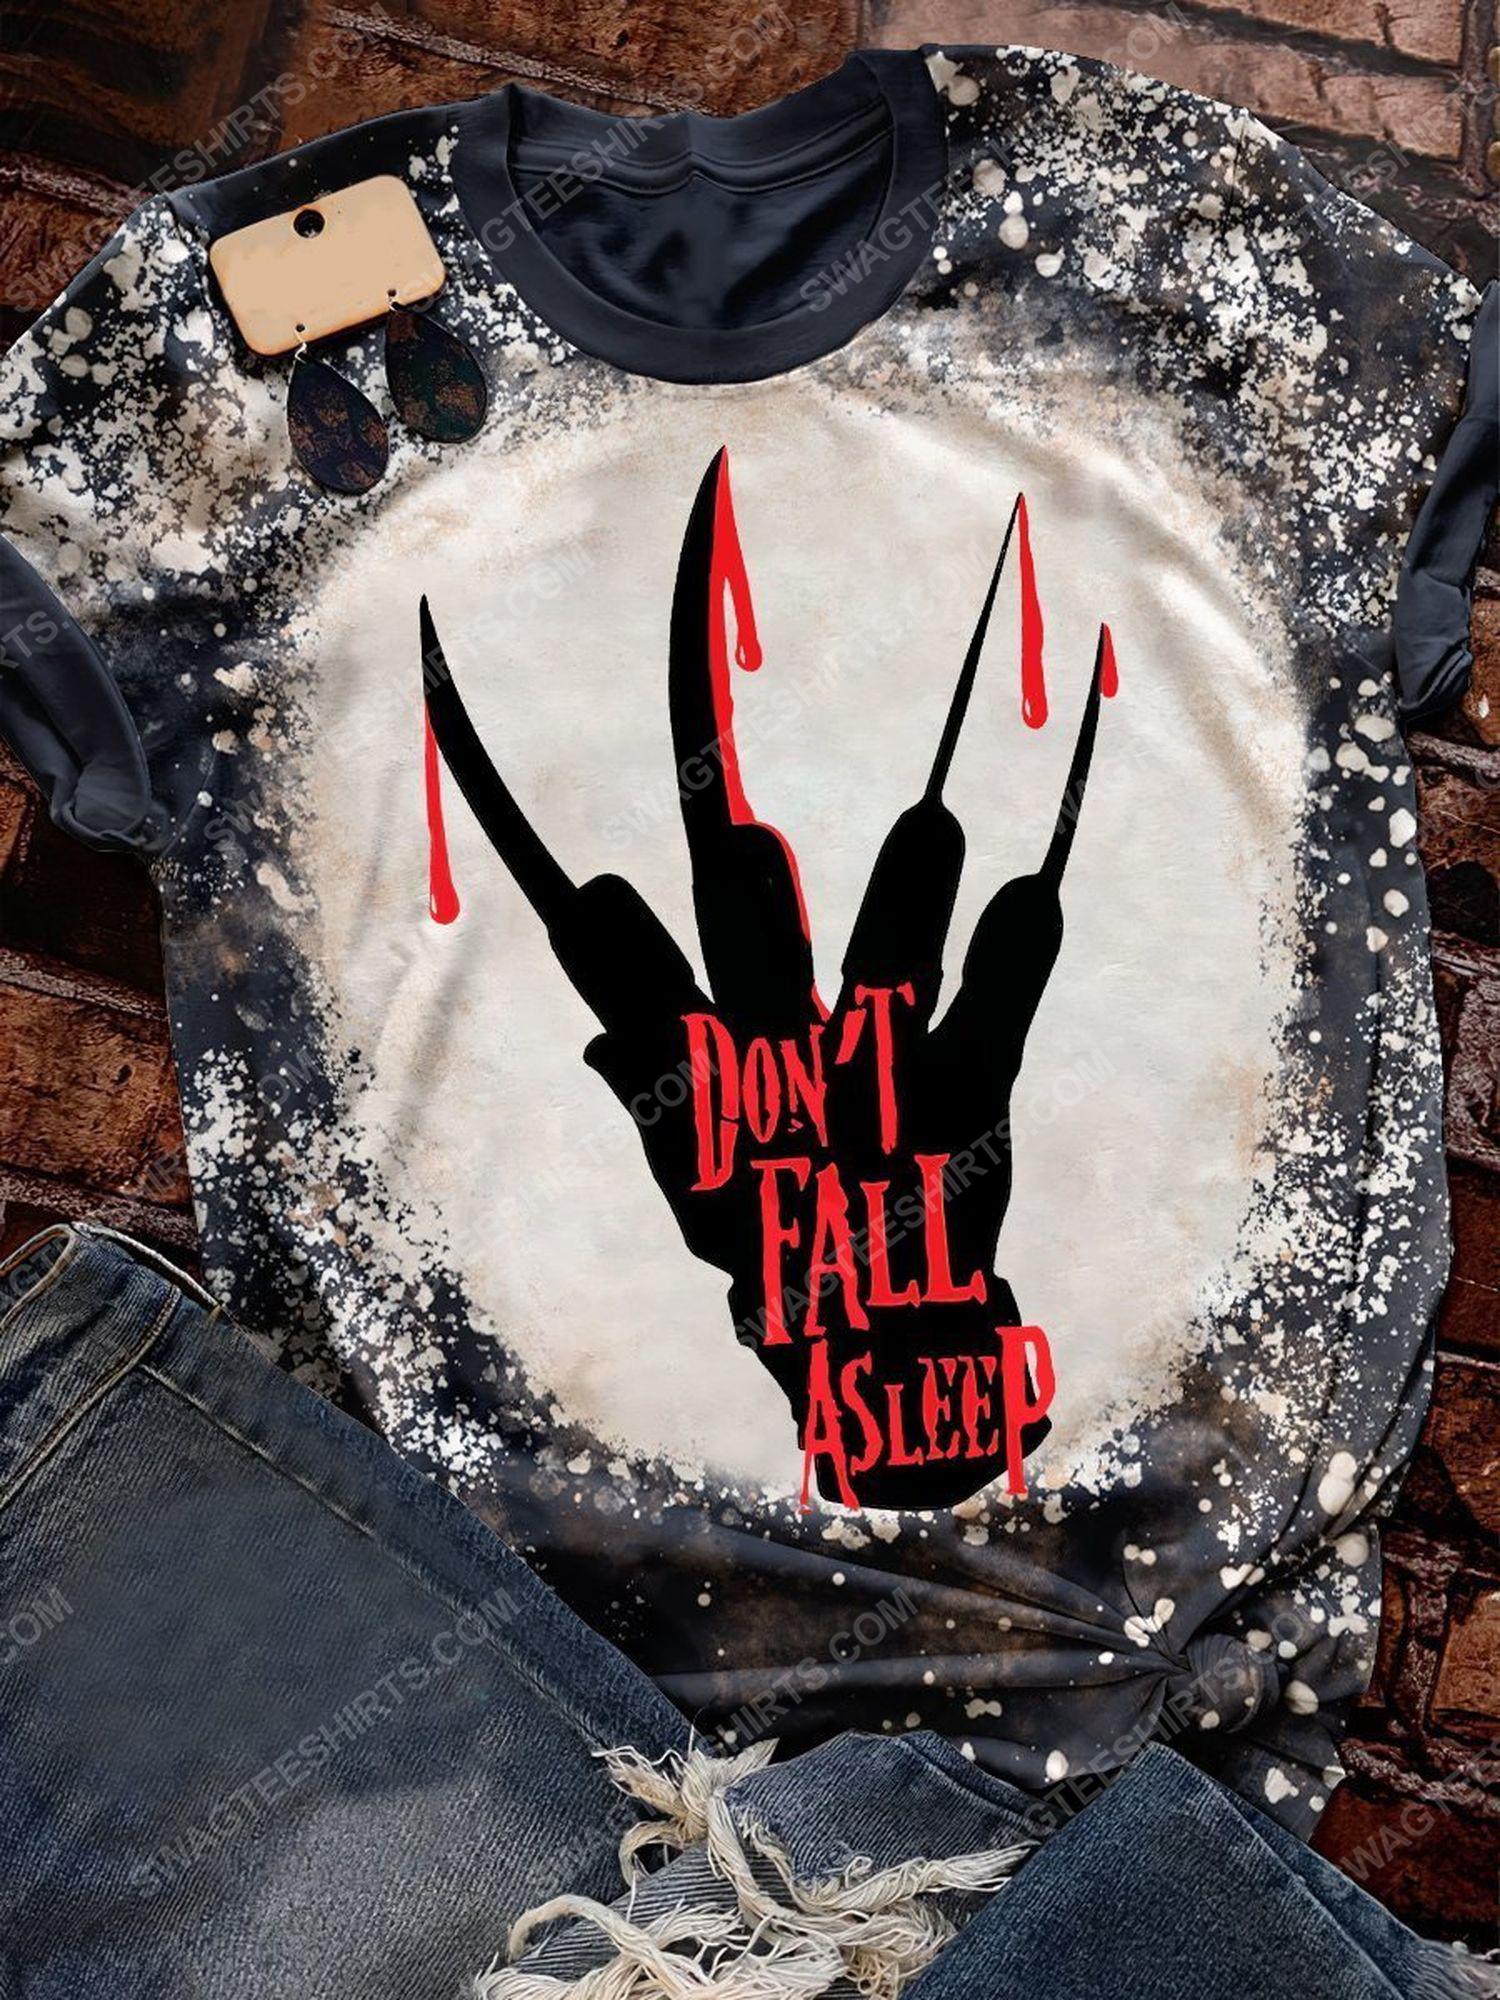 Halloween freddy krueger don't fall asleep bleached shirt 1